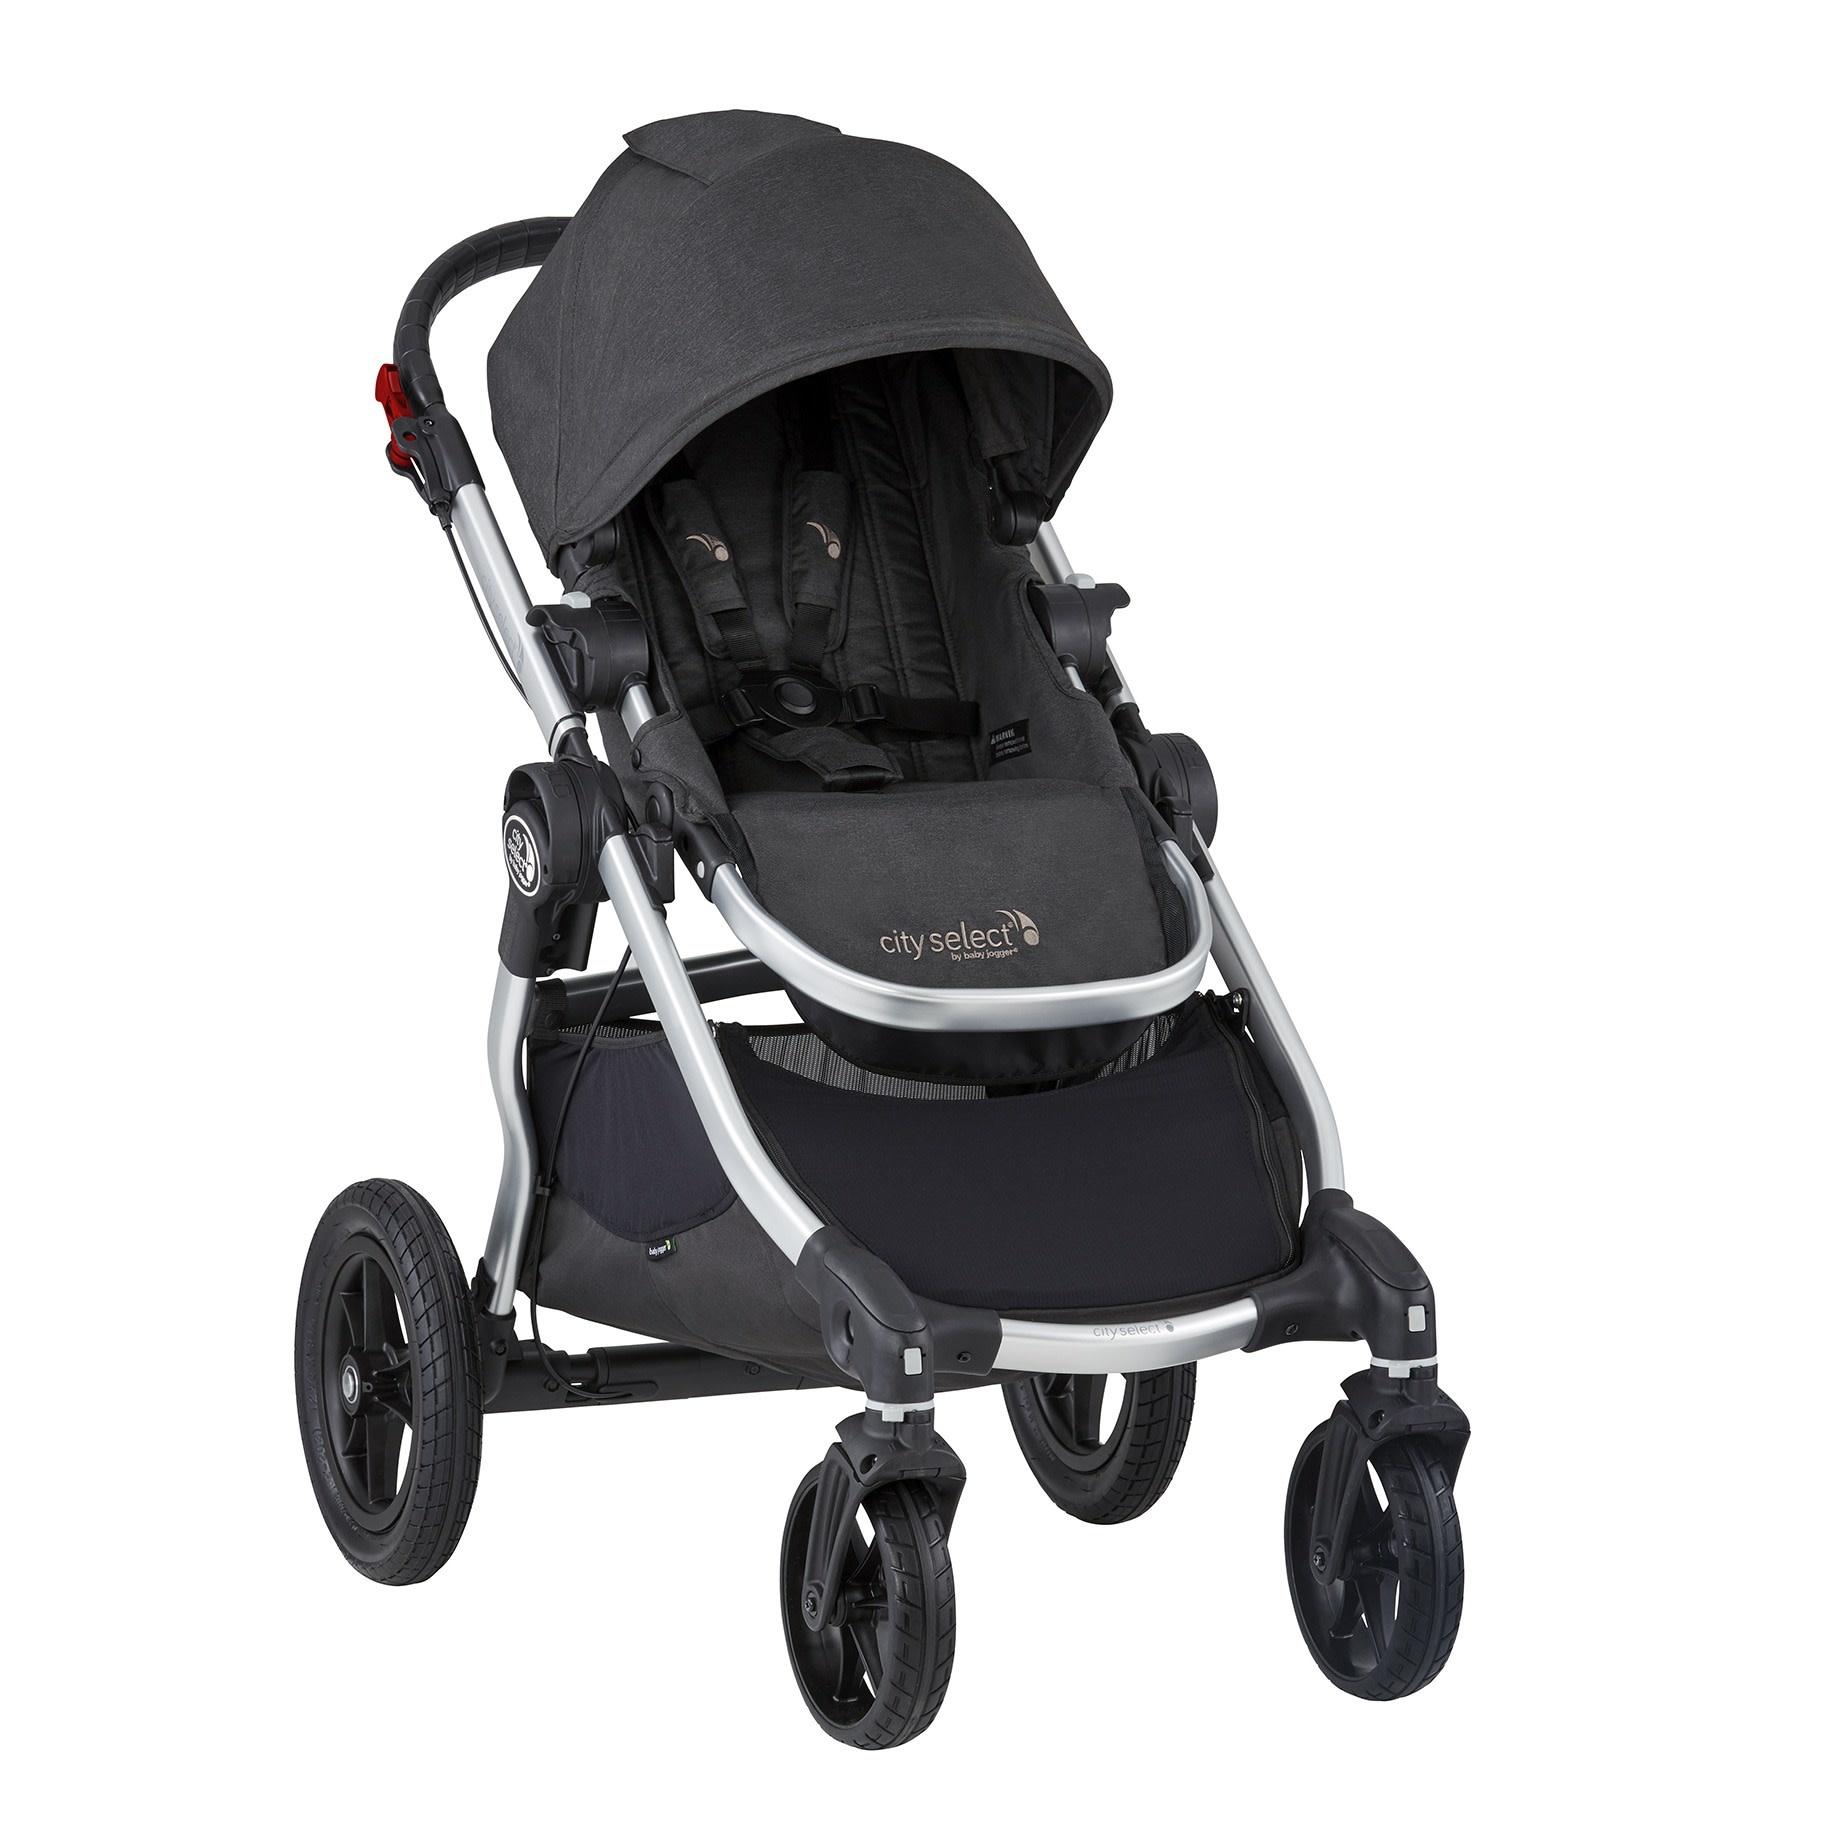 BabyJogger Baby Jogger City Select 2019